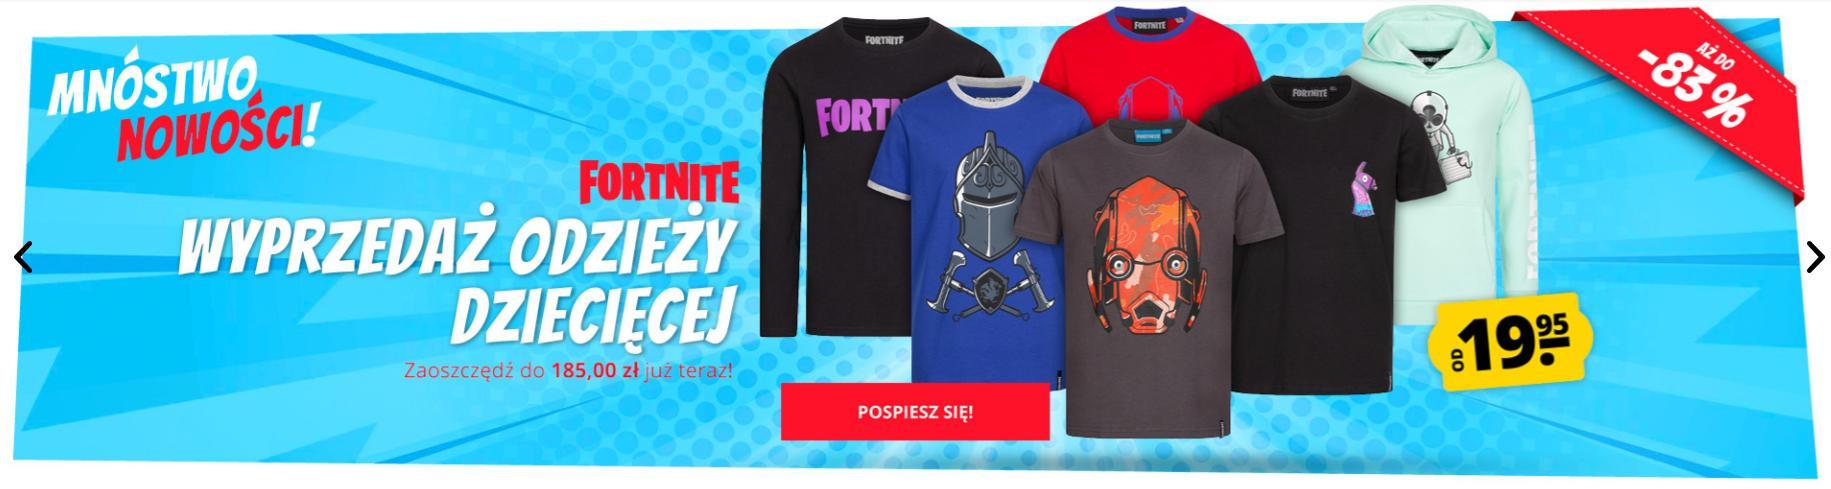 Sport Rabat: wyprzedaż do 83% rabatu na odzież dziecięcą marki Fortnite